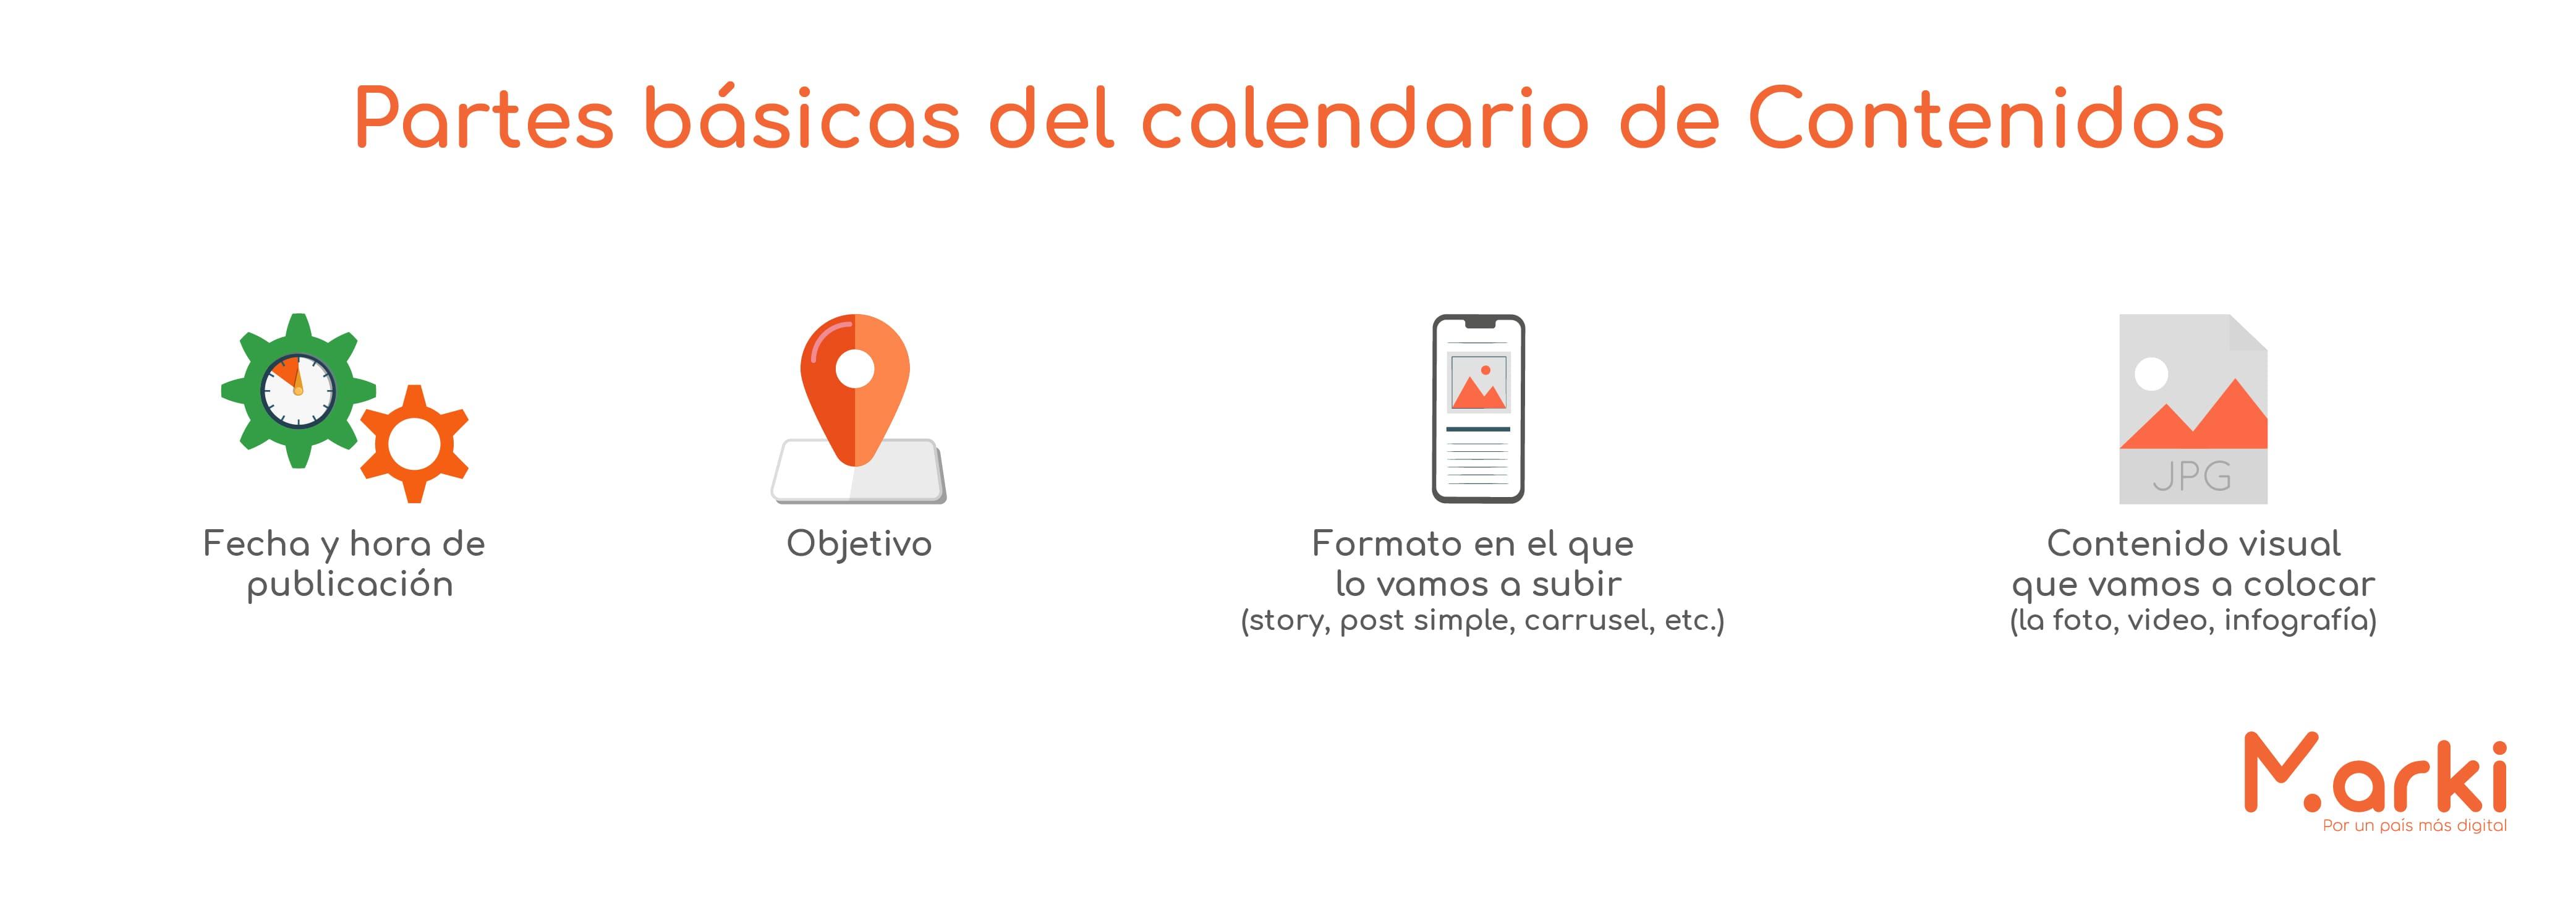 partes del calendario de contenidos que es la creación de contenido como crear contenido para redes sociales como crear contenido de calidad para redes sociales como crear un calendario para redes sociales como crear un contenido voluntariado peru Voluntariado online capacitacion de marketing digital voluntariado marki